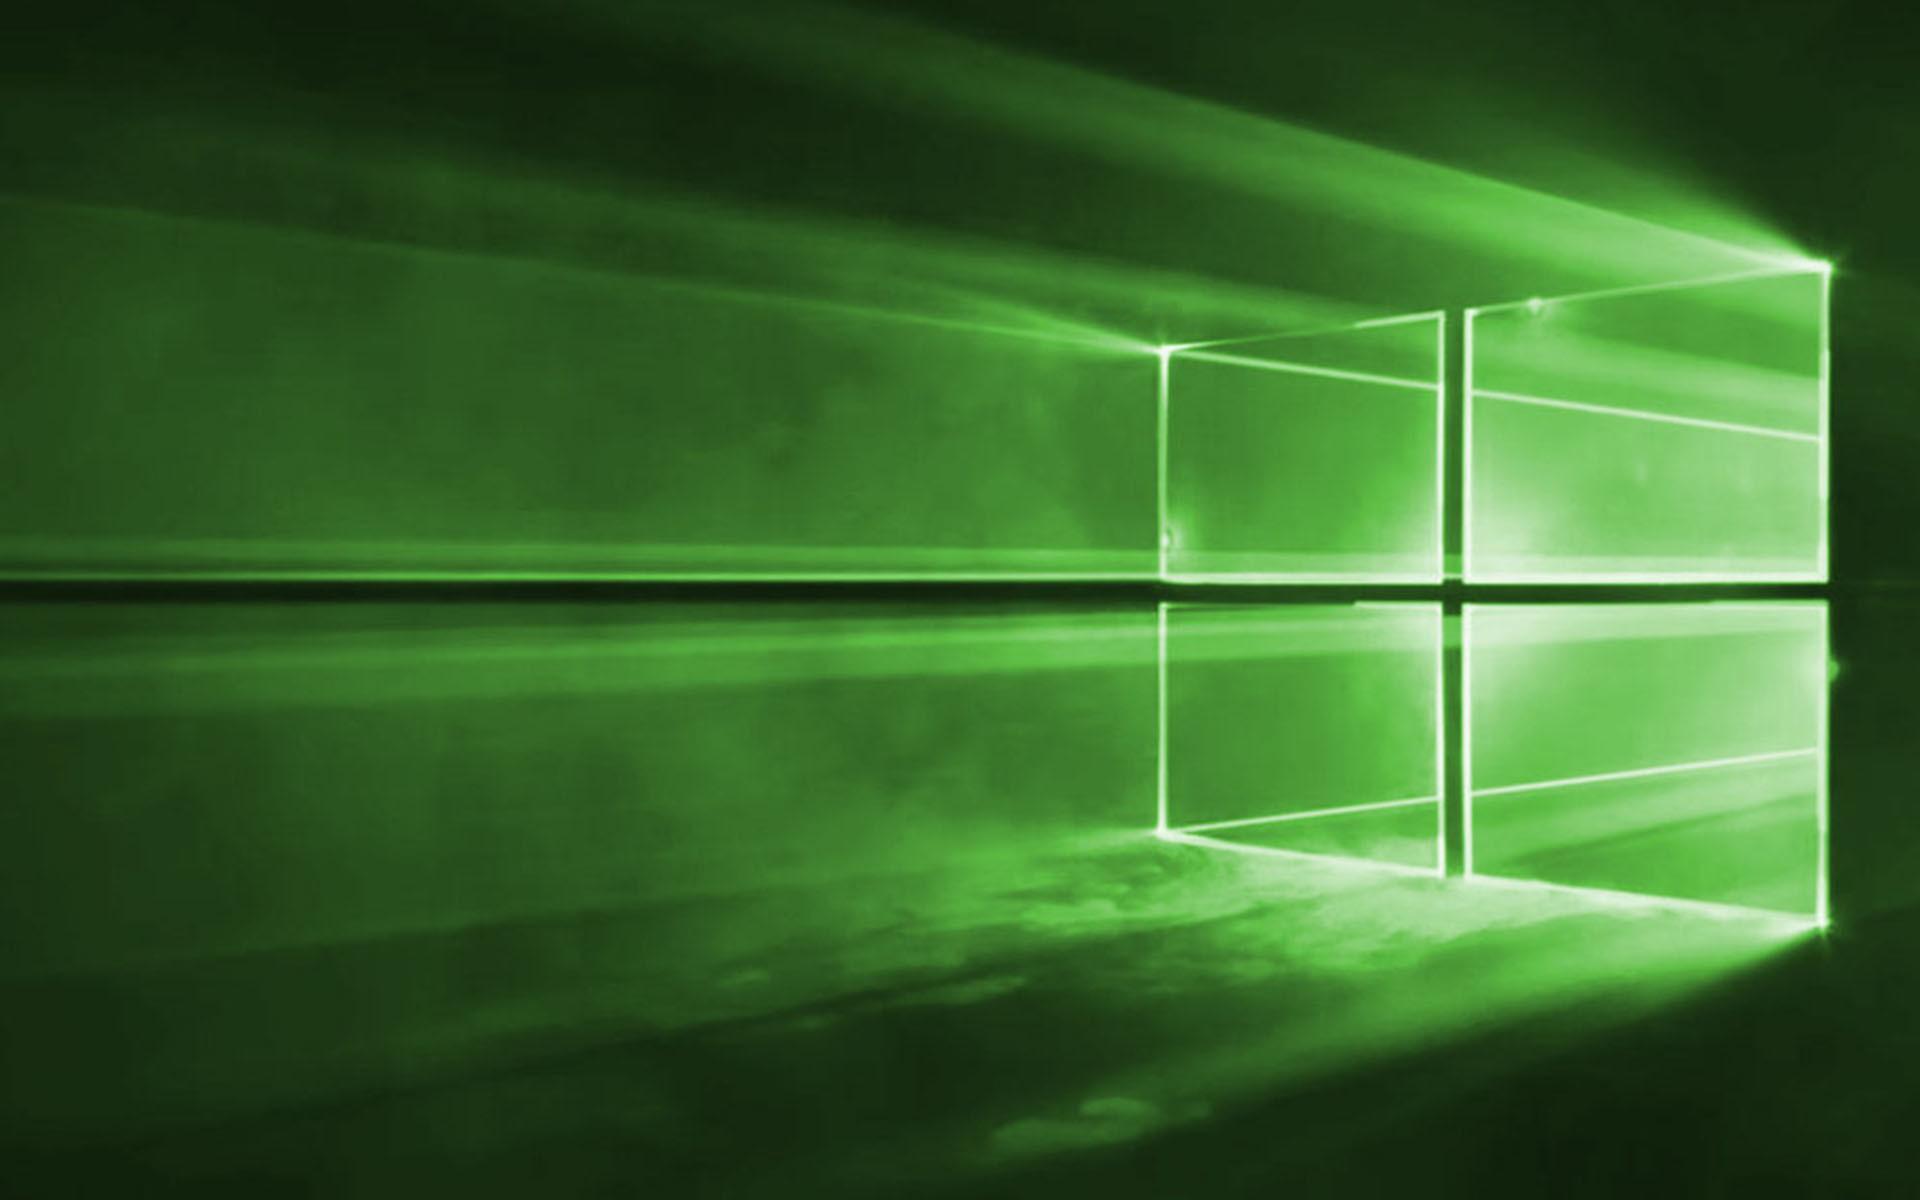 Green Desktop Background (69+ Images